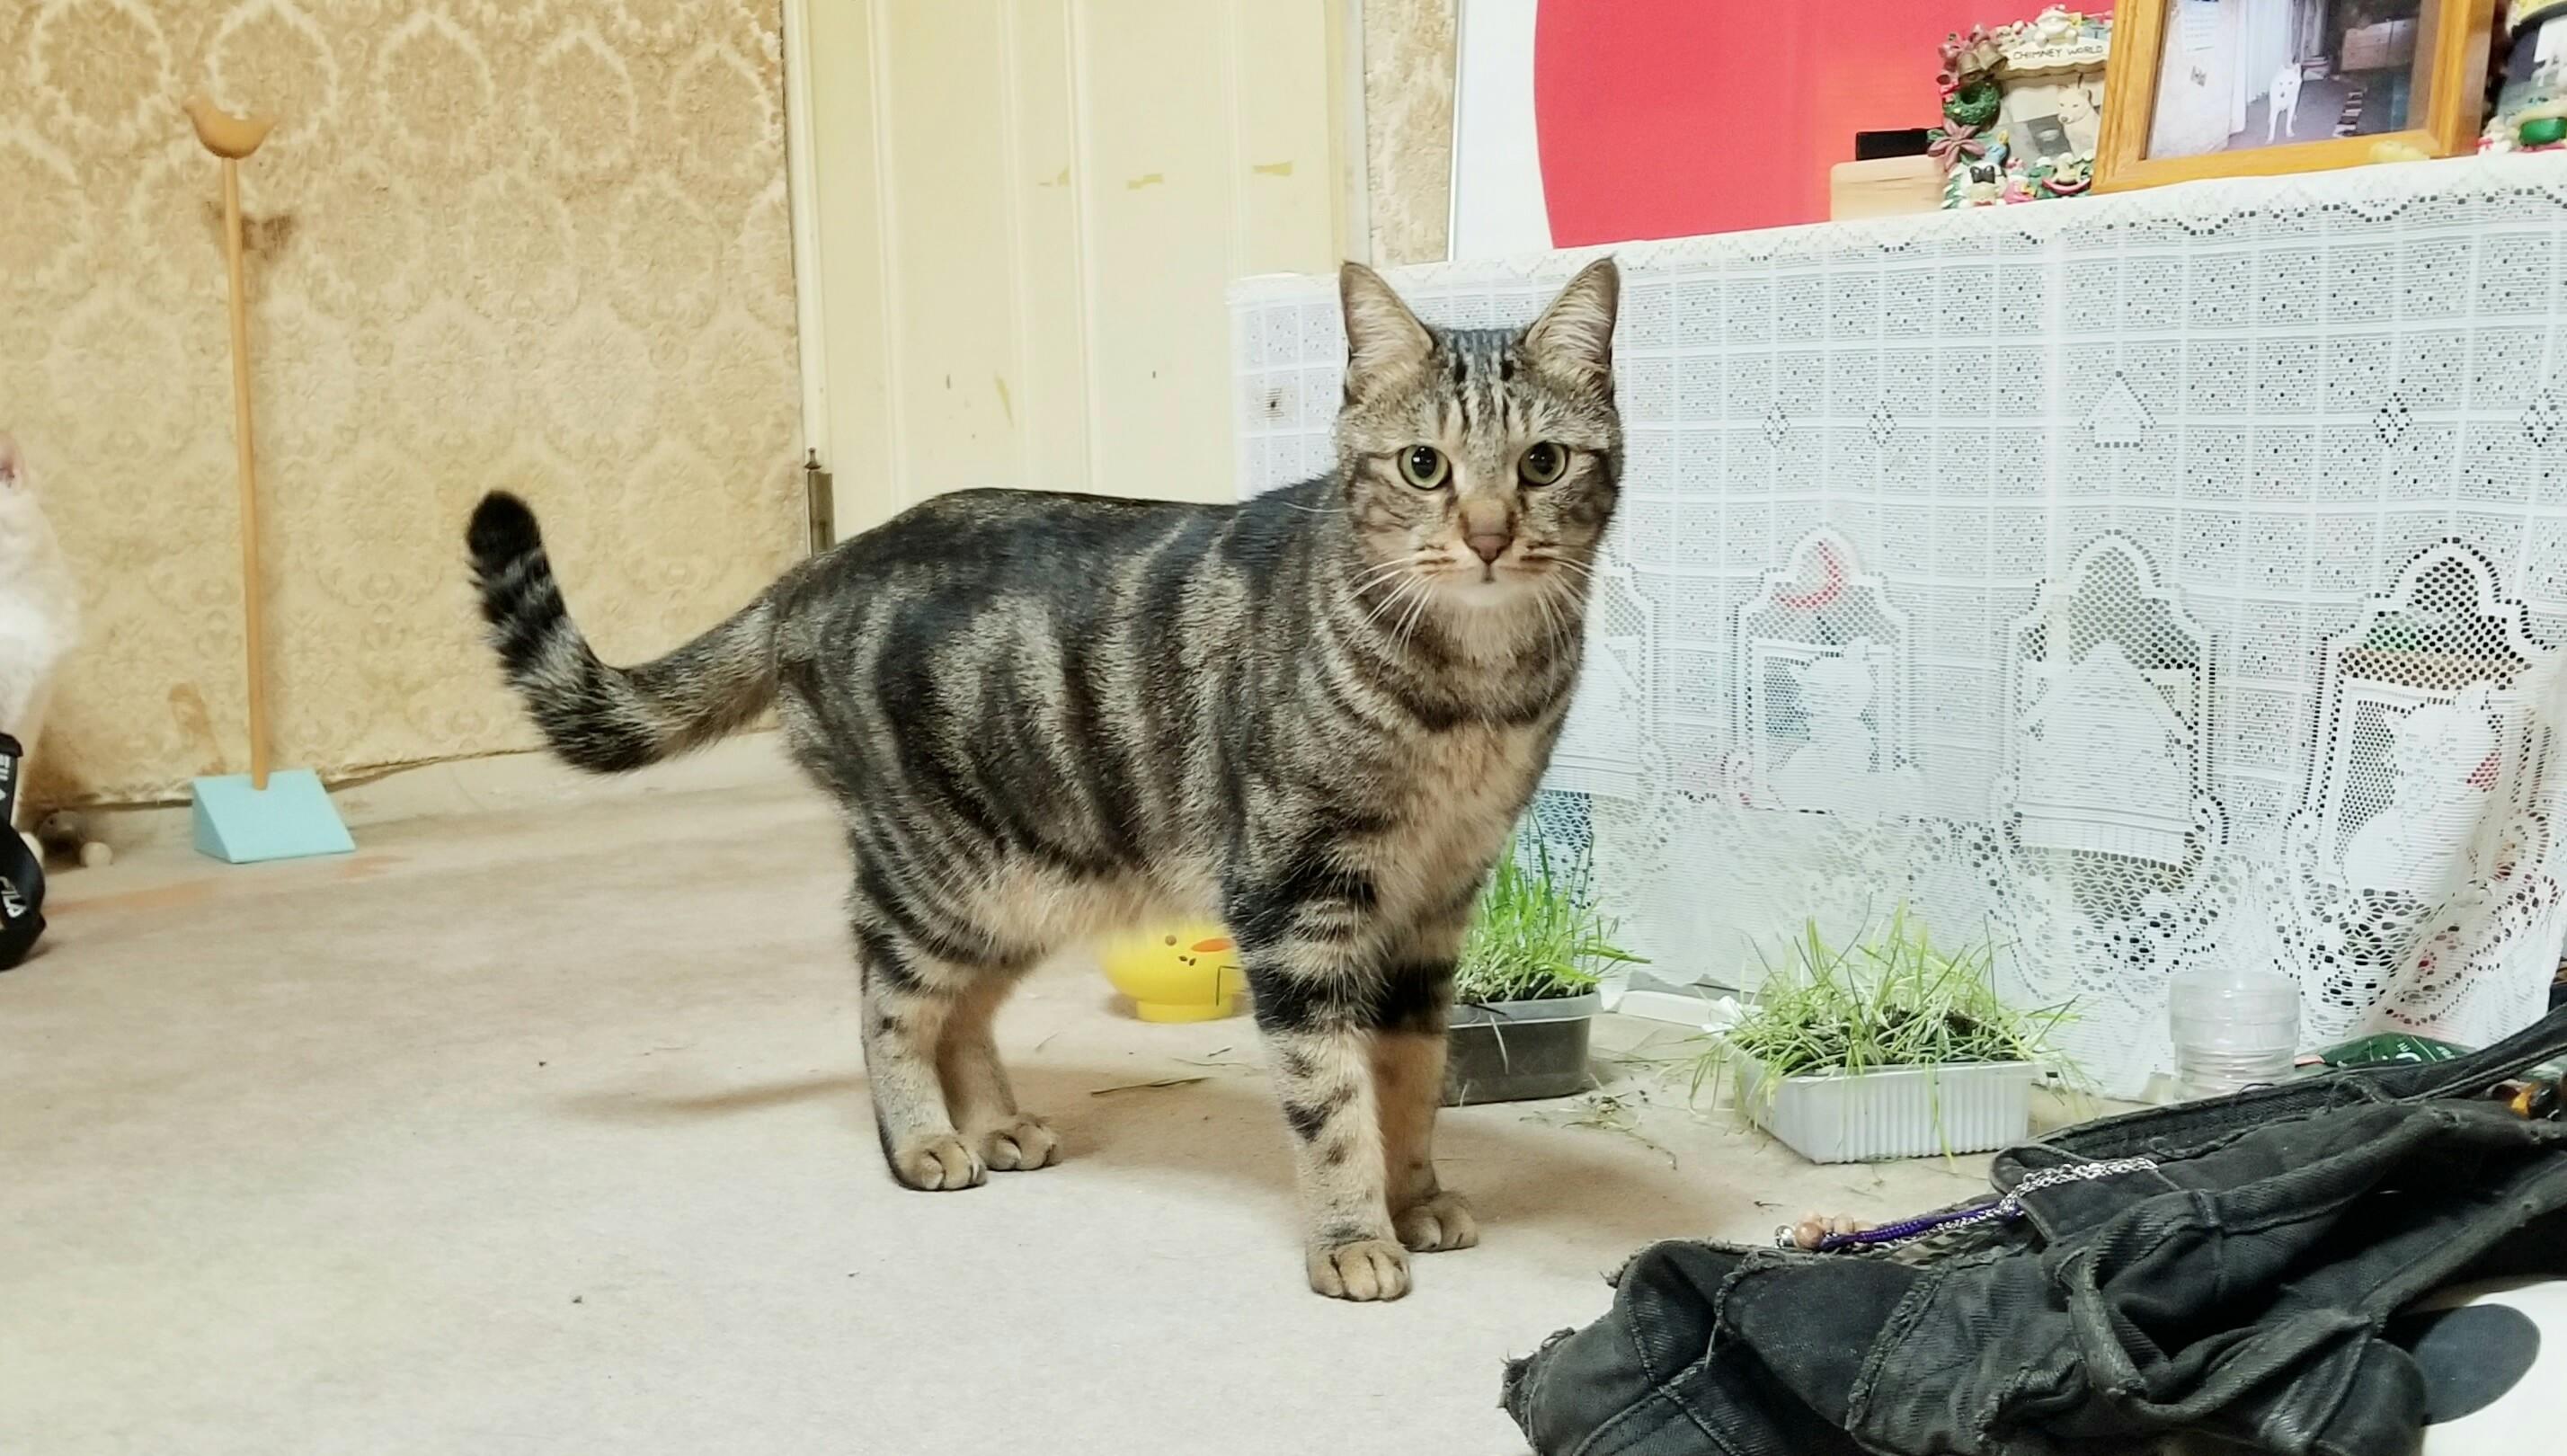 可愛い家猫にゃんこラブ好き黒色縞かっこいい綺麗凛々しい画像写真